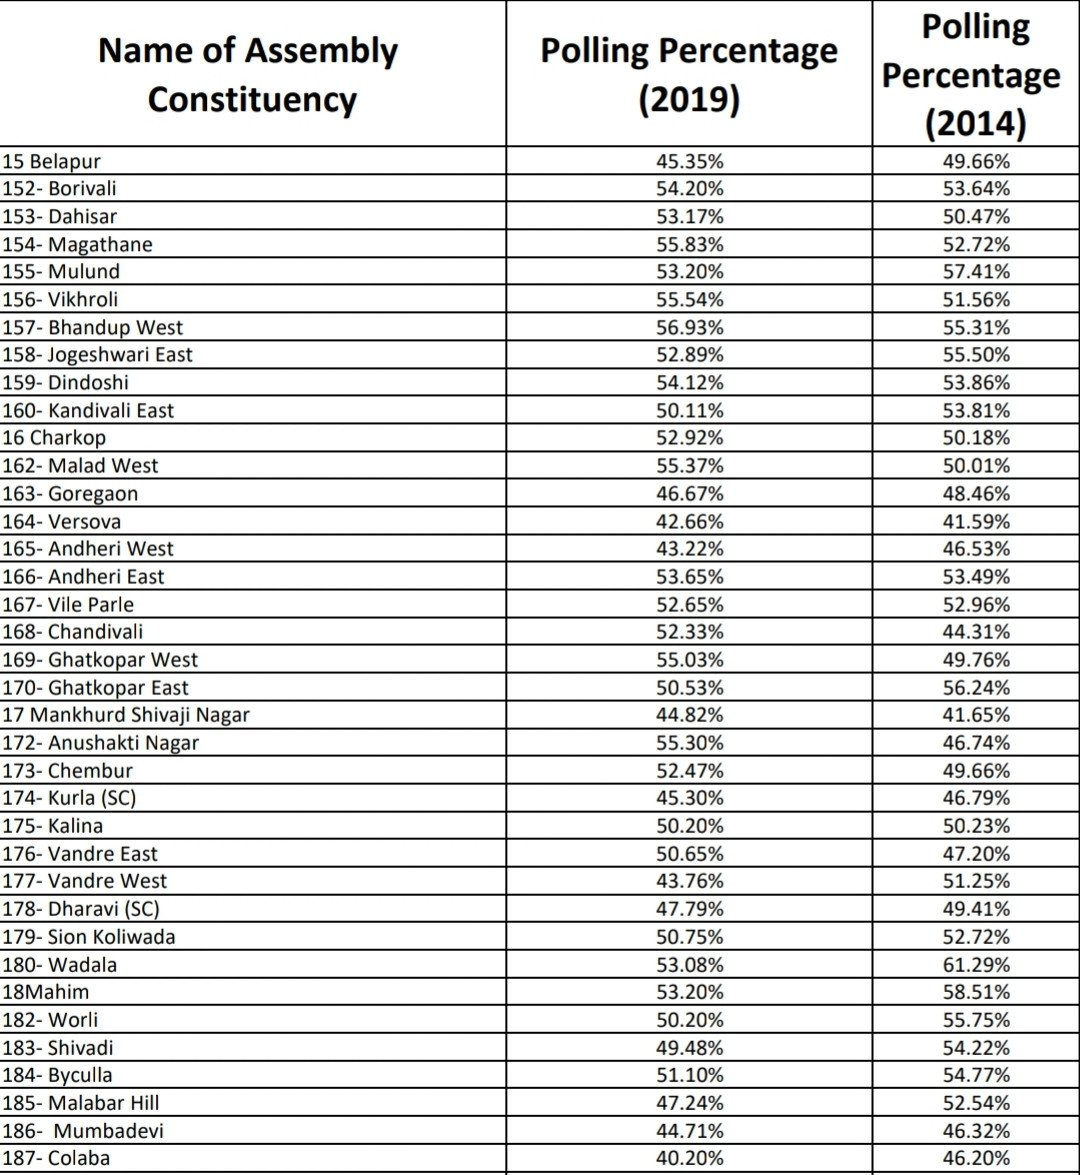 जानिए मुंबई की किस सीट पर हुआ कितना प्रतिशत मतदान